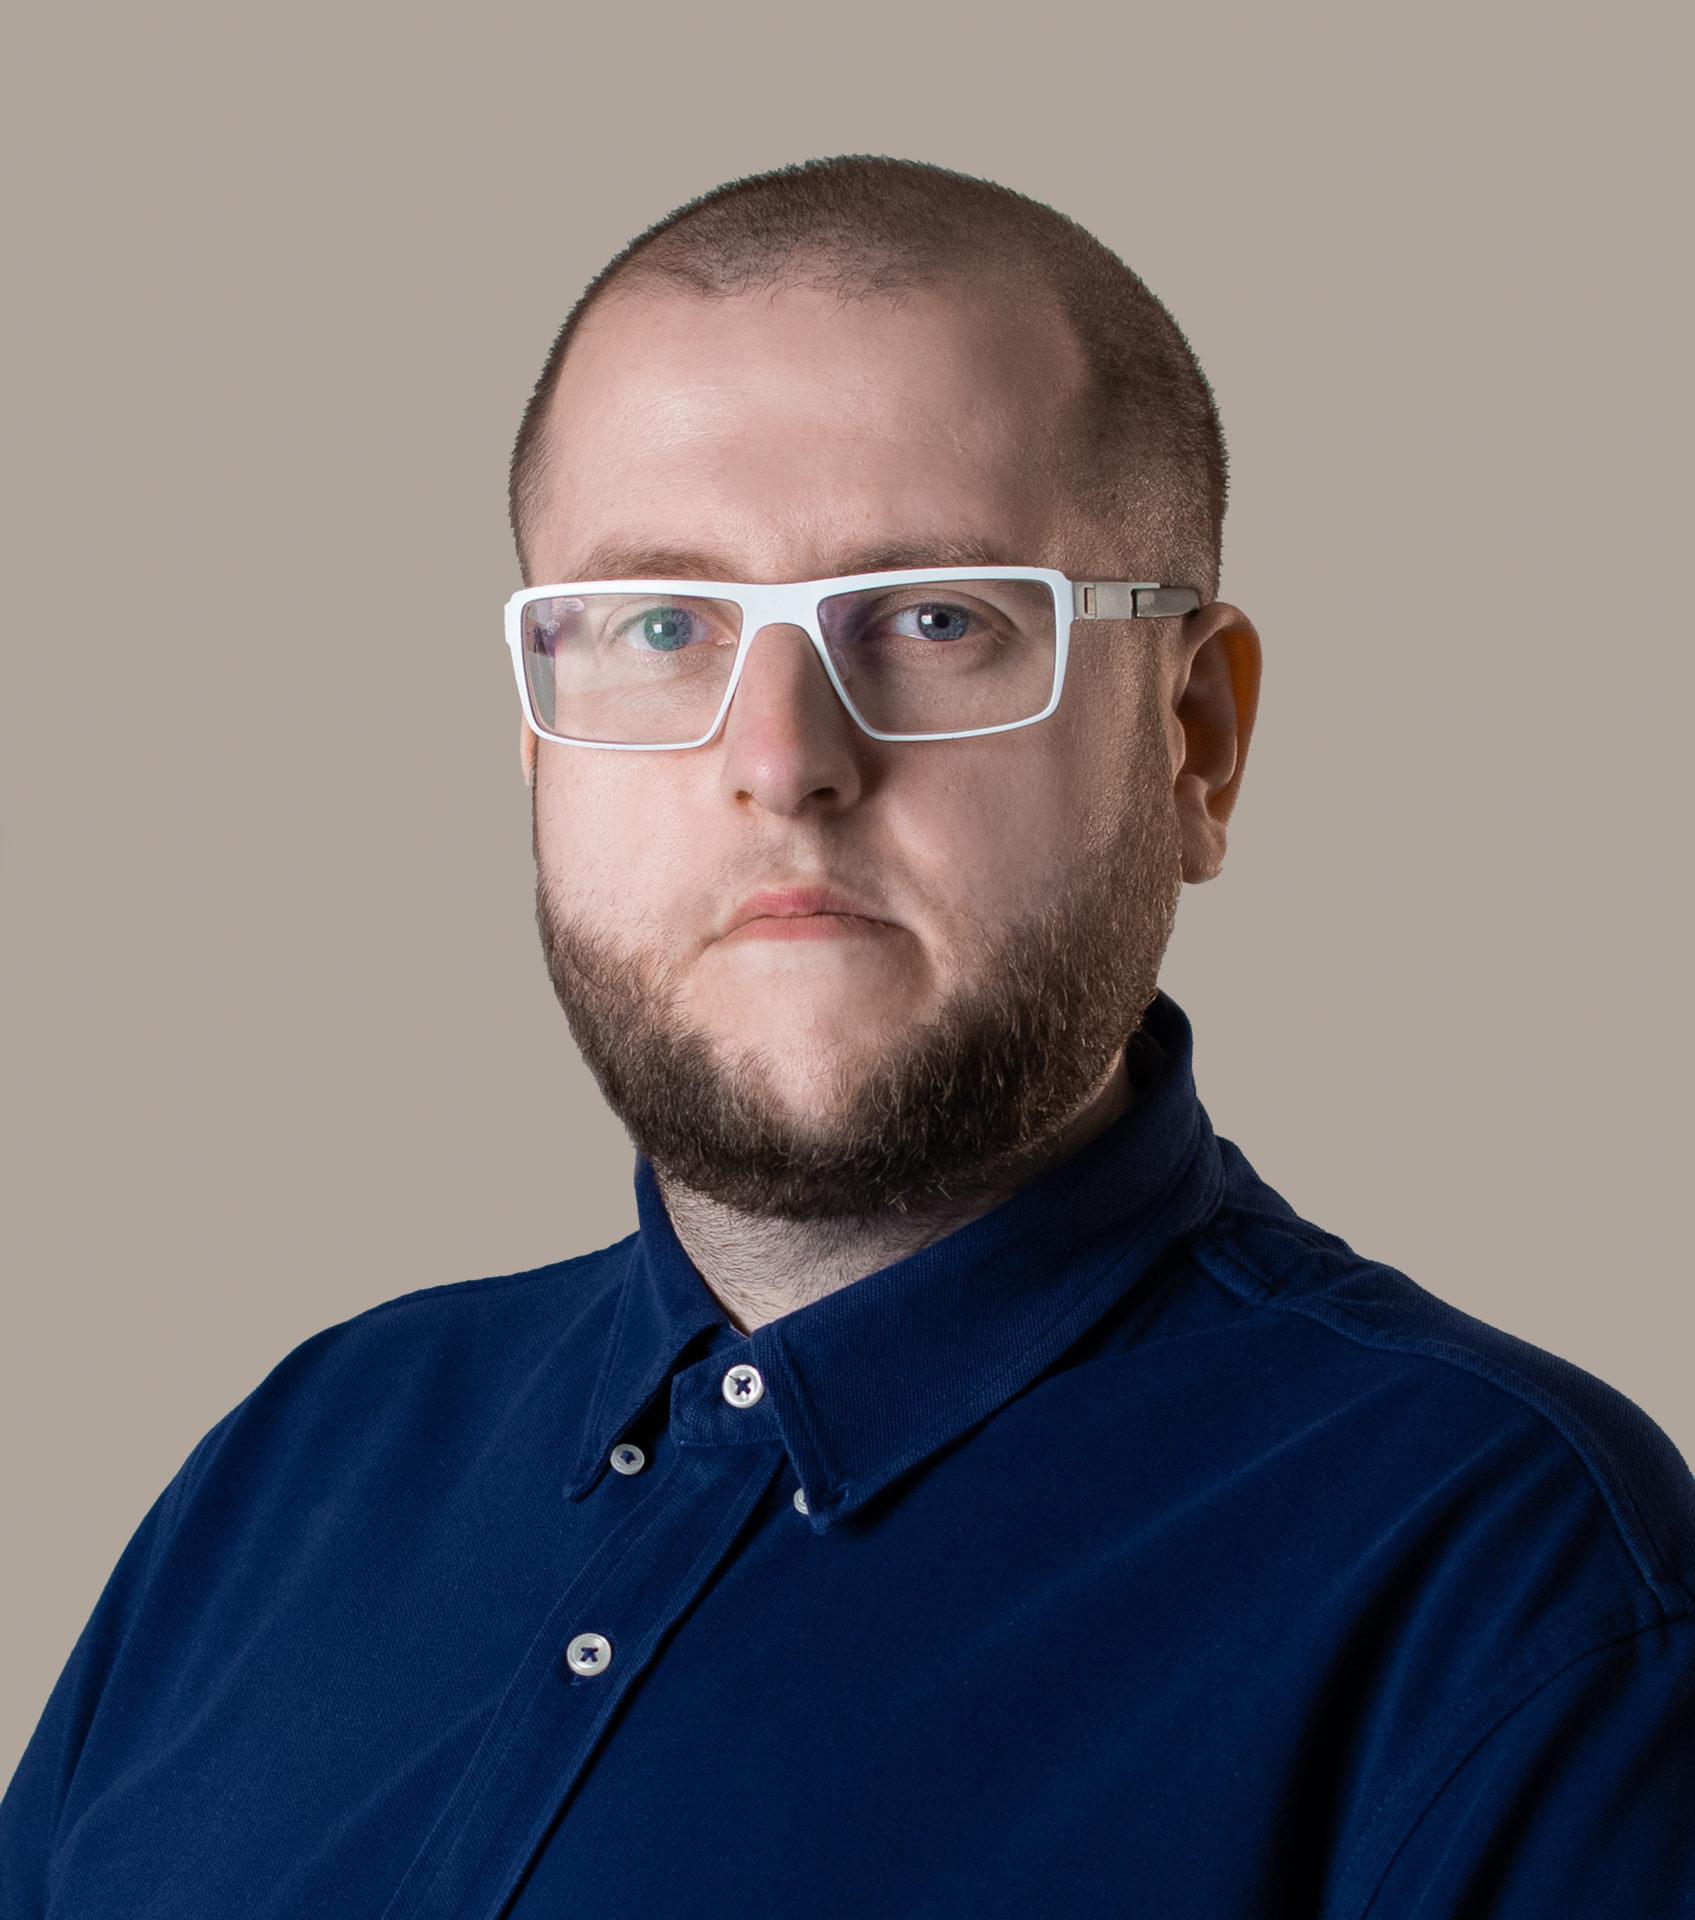 Tomasz Śpiewankiewicz